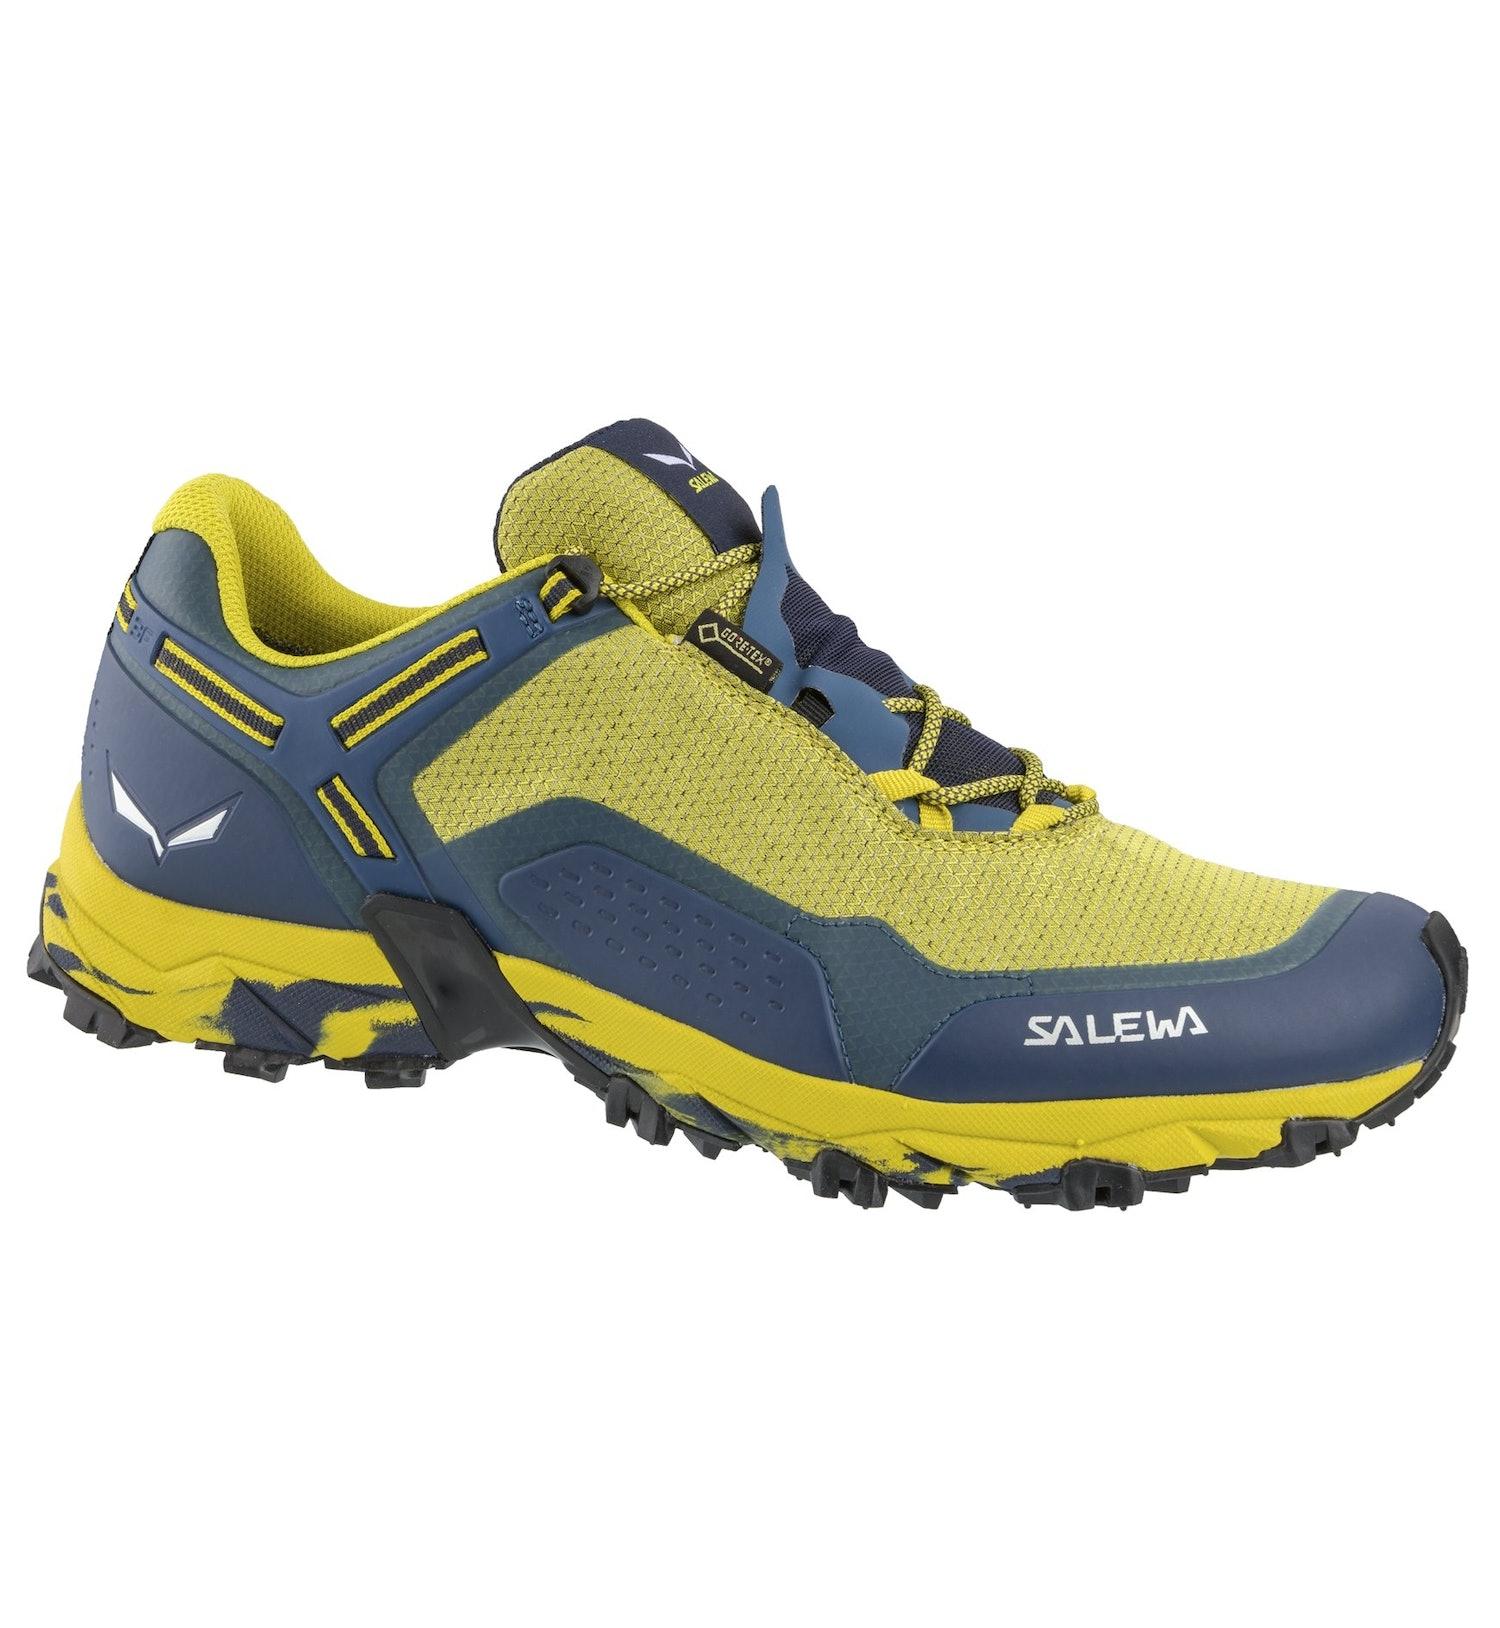 Salewa Speed Beat GORE-TEX - Trailrunning- und Speed Hikingschuh - Herren